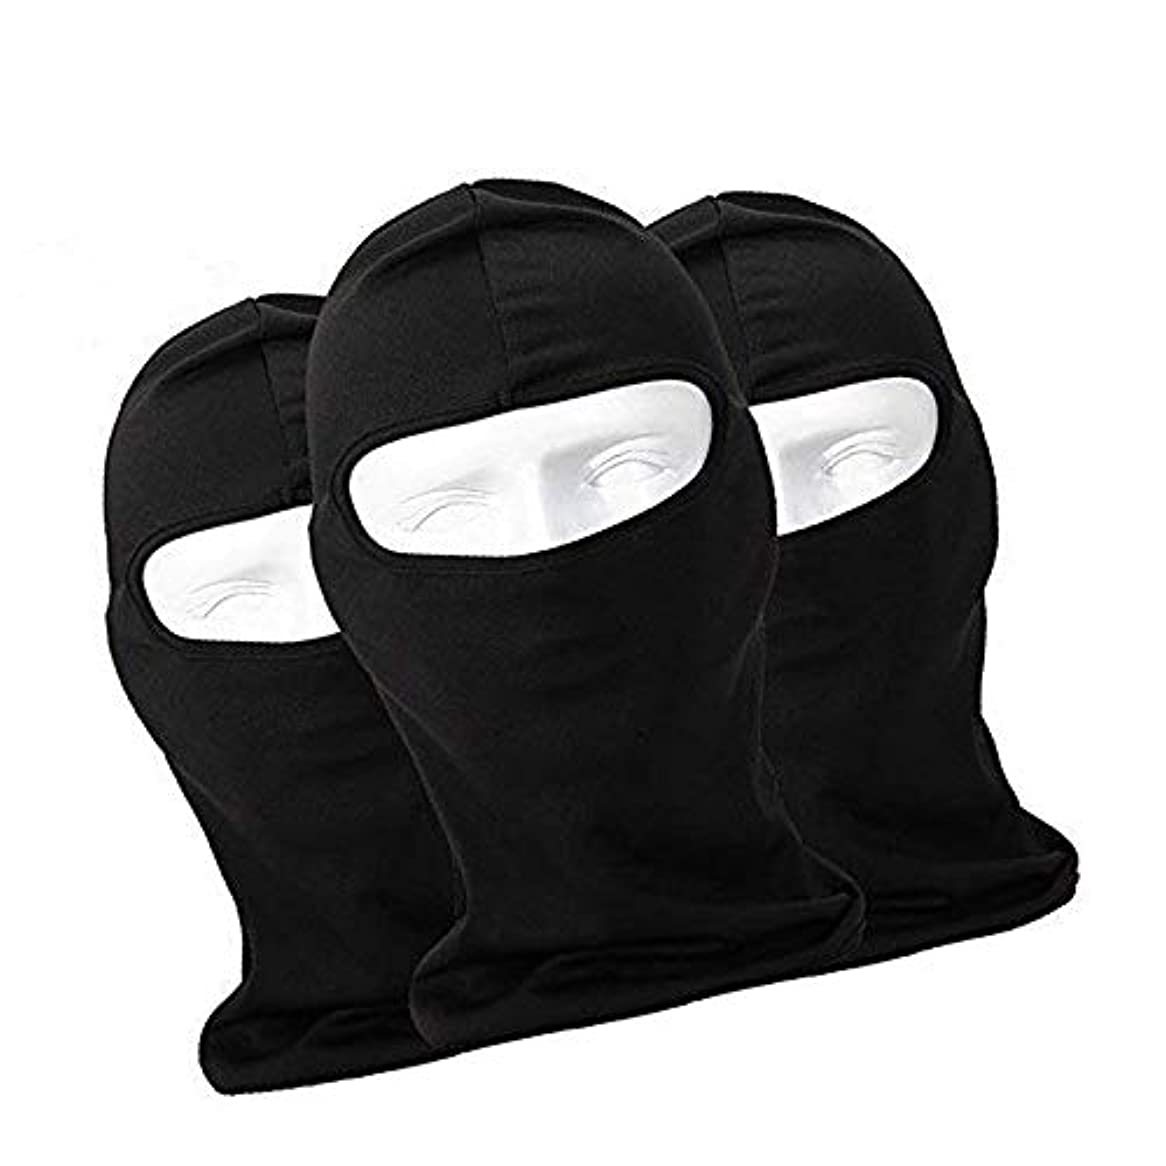 書き出す変更可能謎フェイスマスク 通気 速乾 ヘッドウェア ライクラ生地 目だし帽 バラクラバ 保温 UVカット,ブラック,3枚